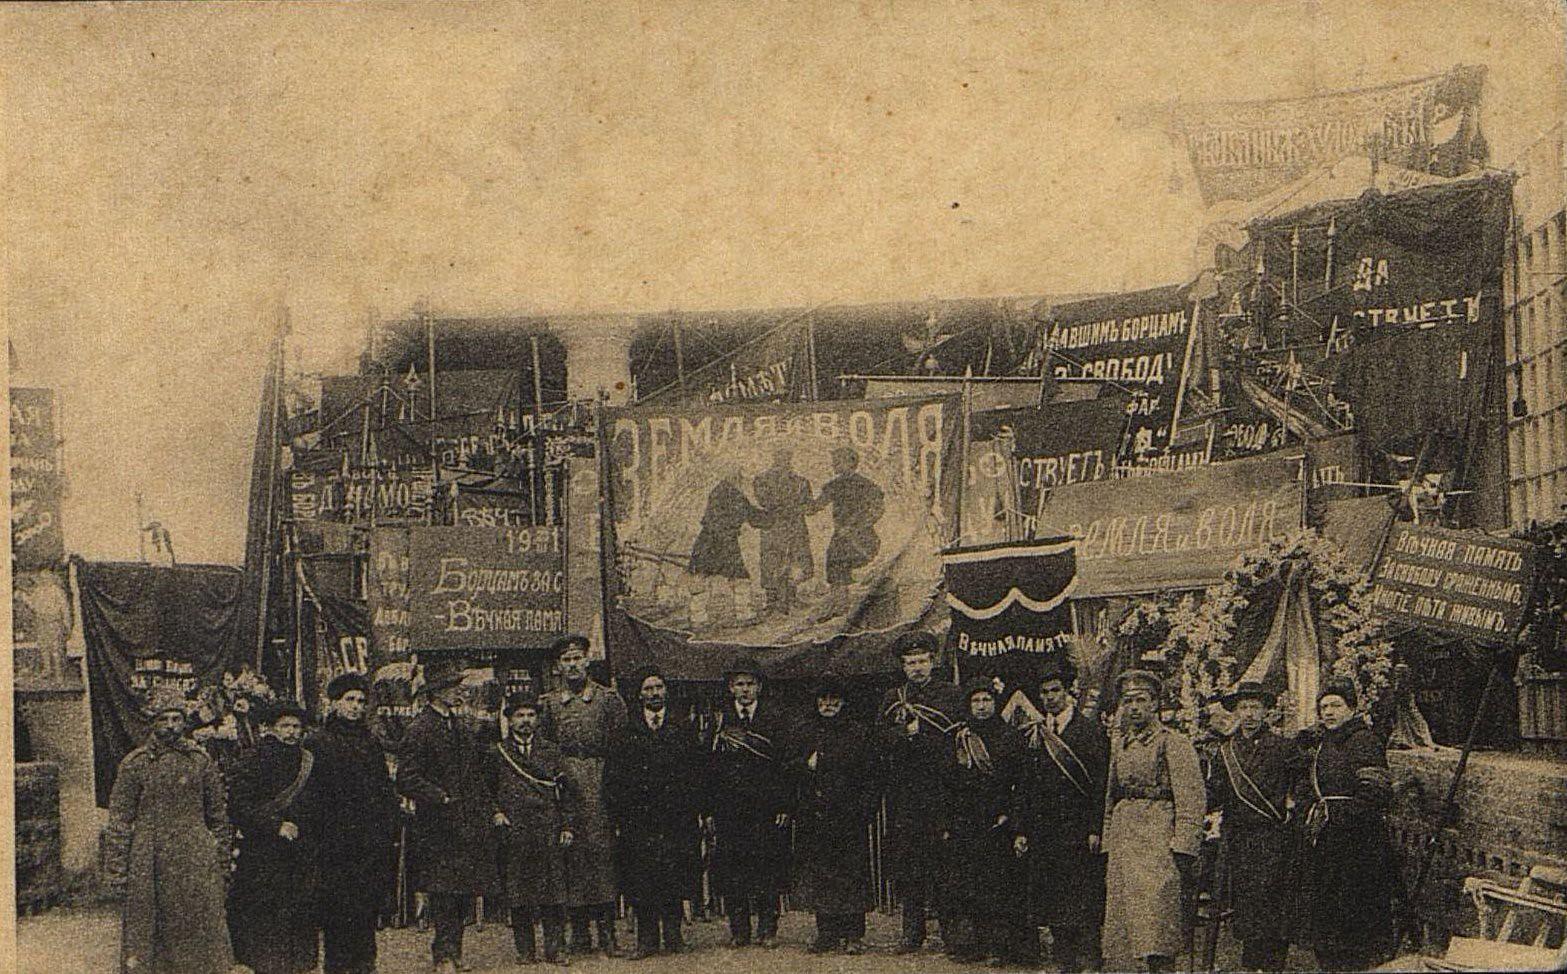 23 марта. Совет Солдатских и Рабочих депутатов, участвовавших на похоронах жертв революции,